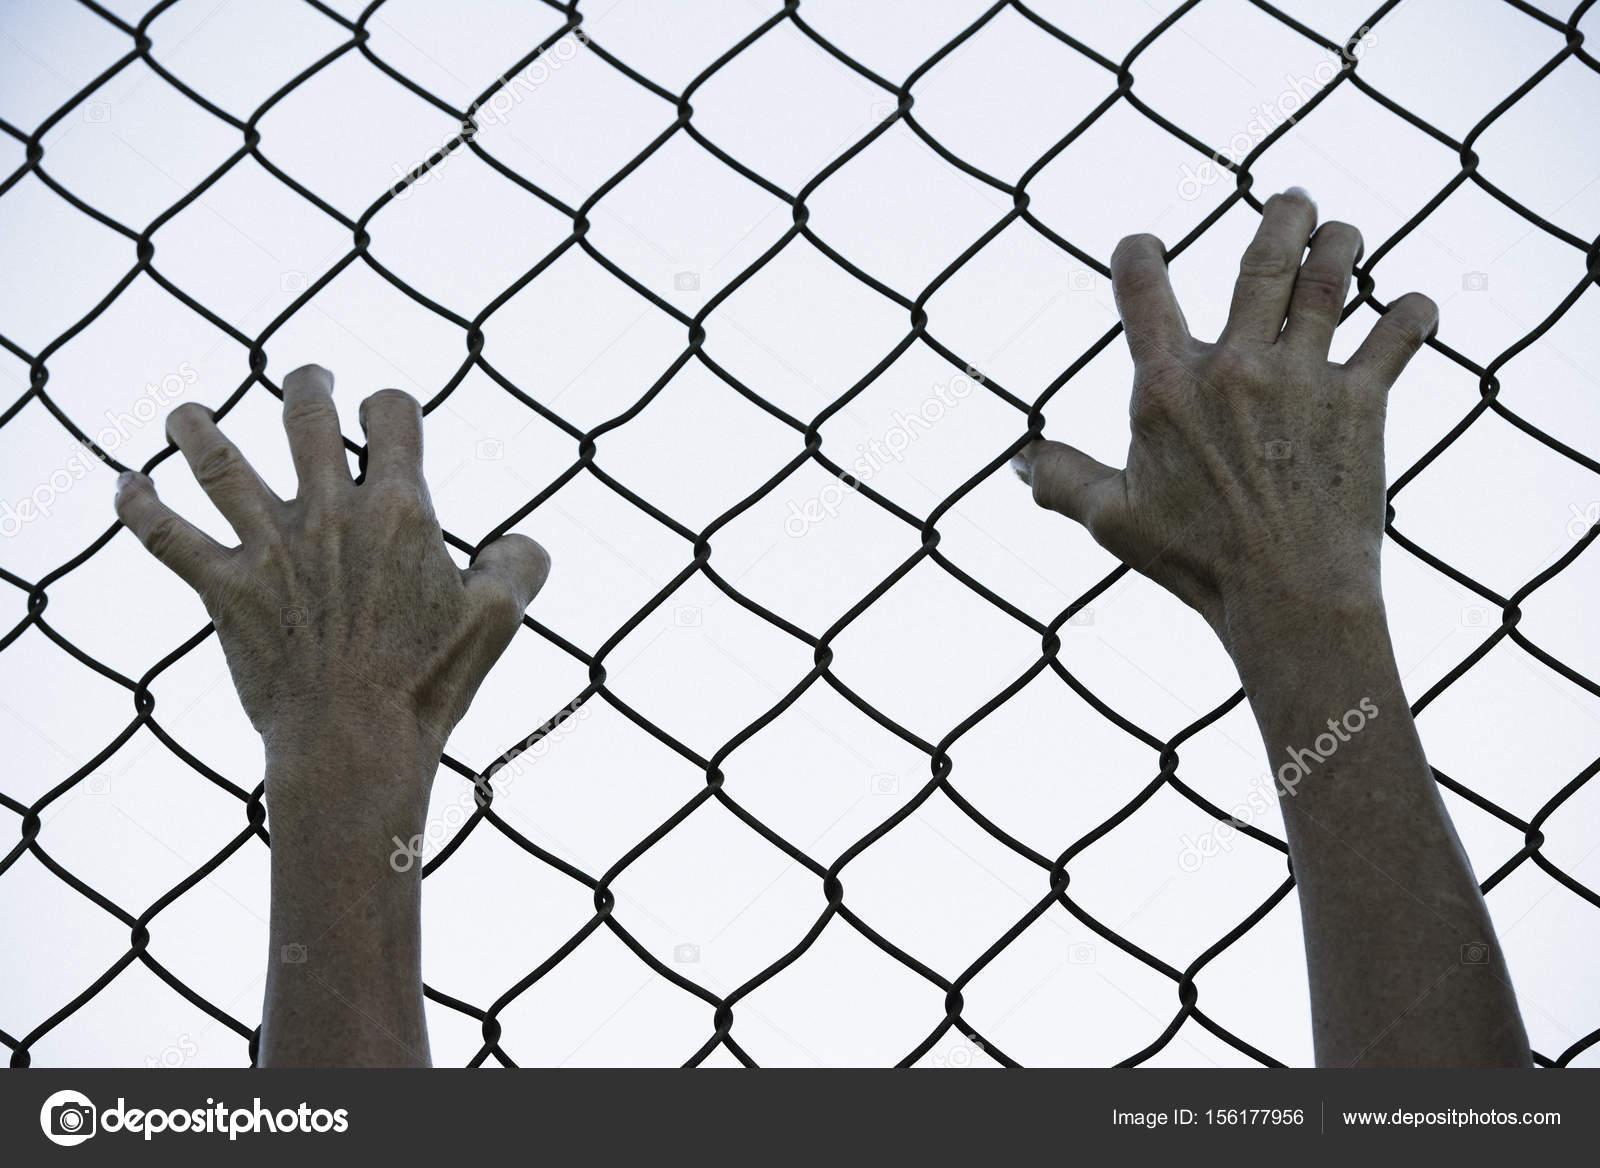 Se apoder de las manos en la valla de alambre de malla de prisin